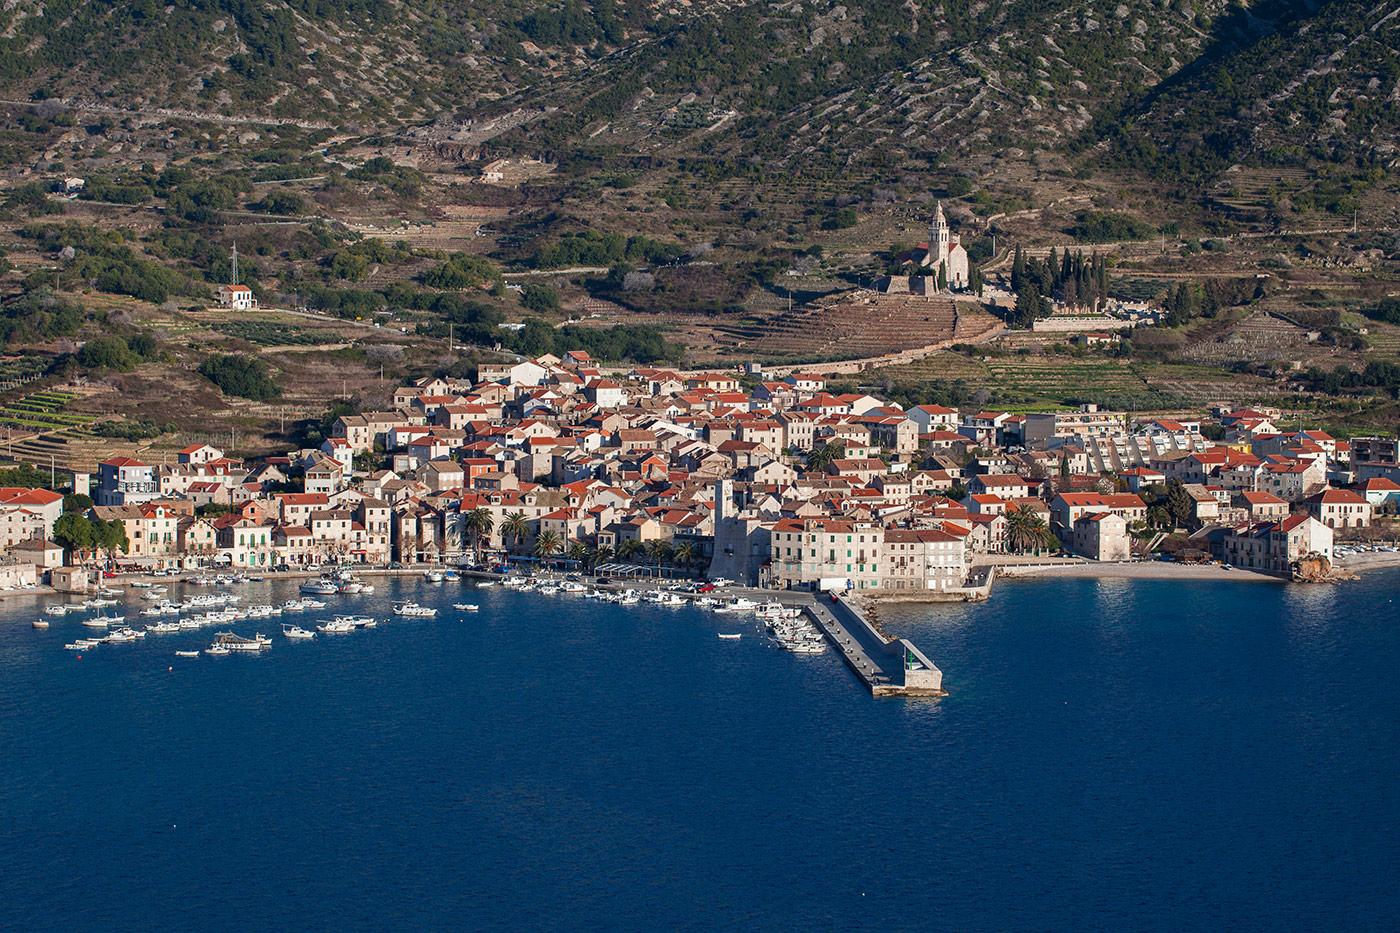 Croatia Sailing Destinations - Vis